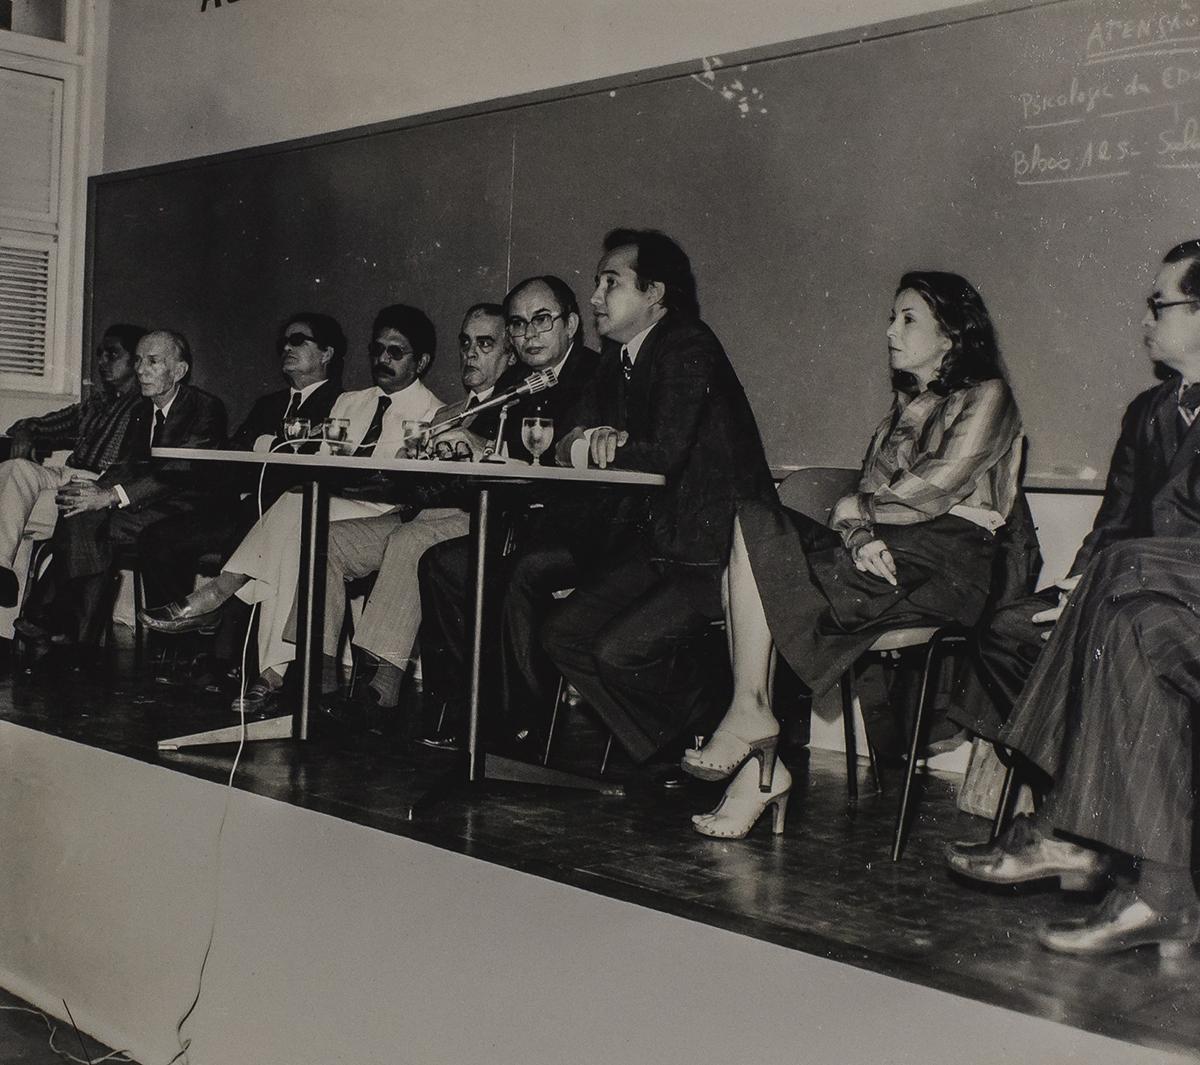 Simpósio - Auditório José Albano - 23.06.1978